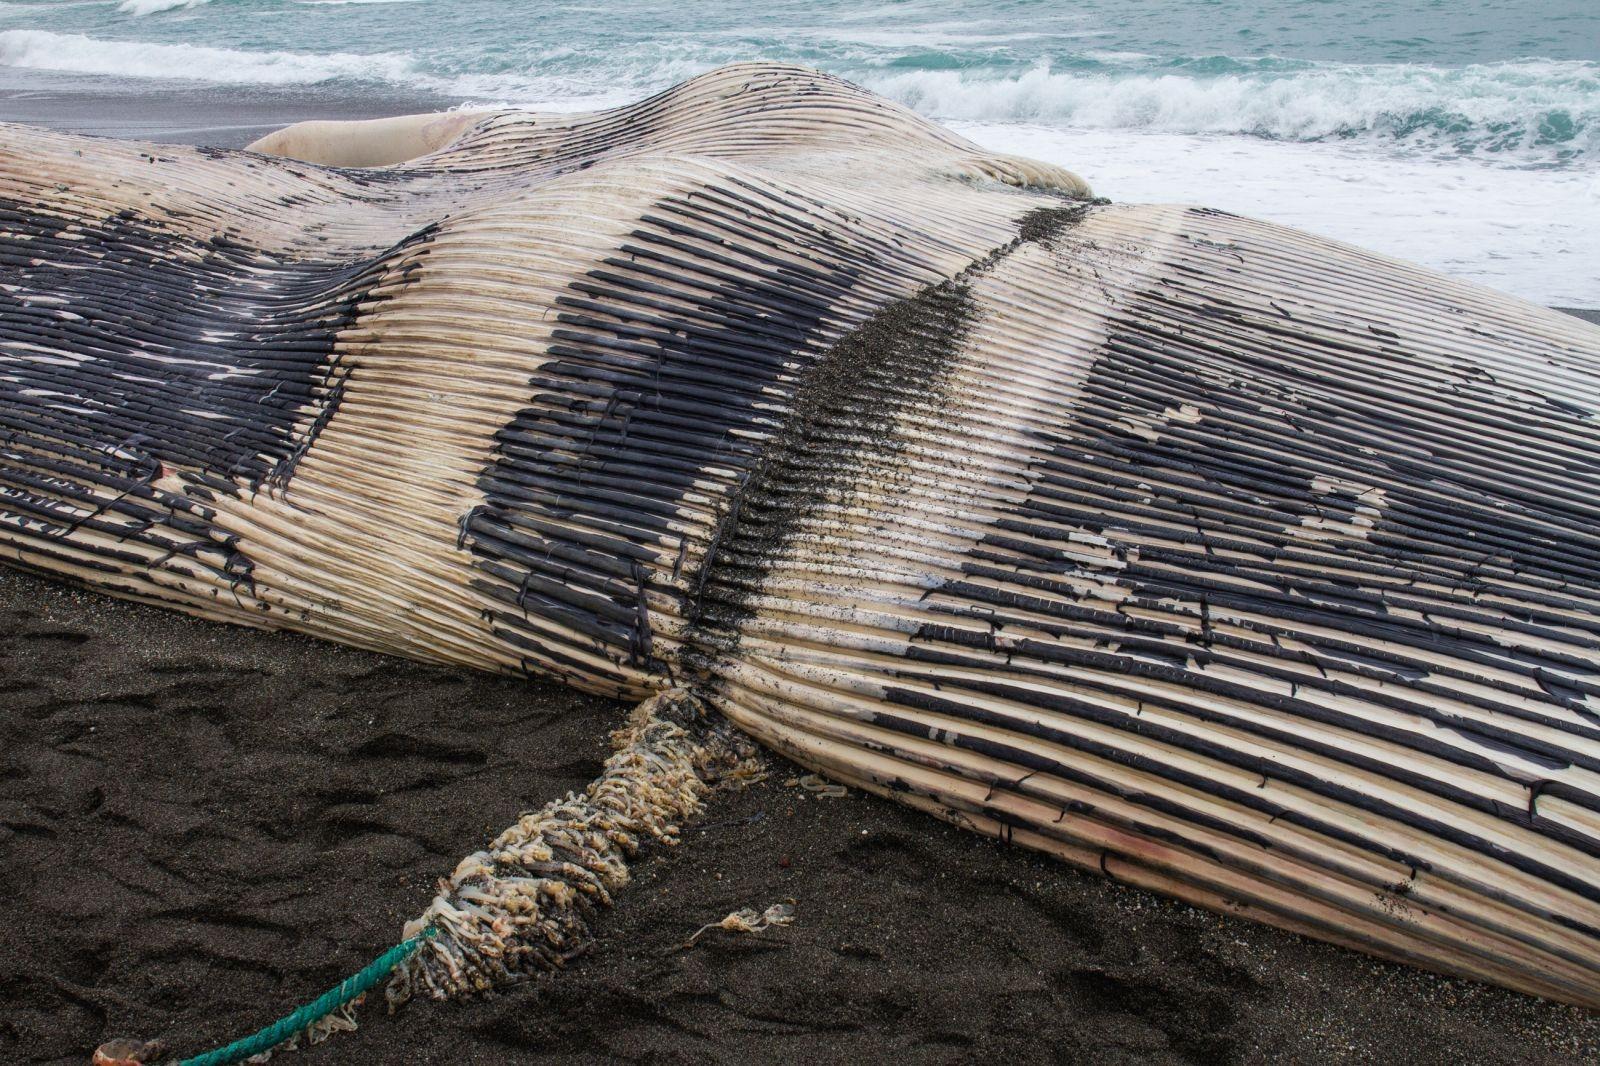 團隊決定先將纏繞藍鯨嘴部的繩索切斷。